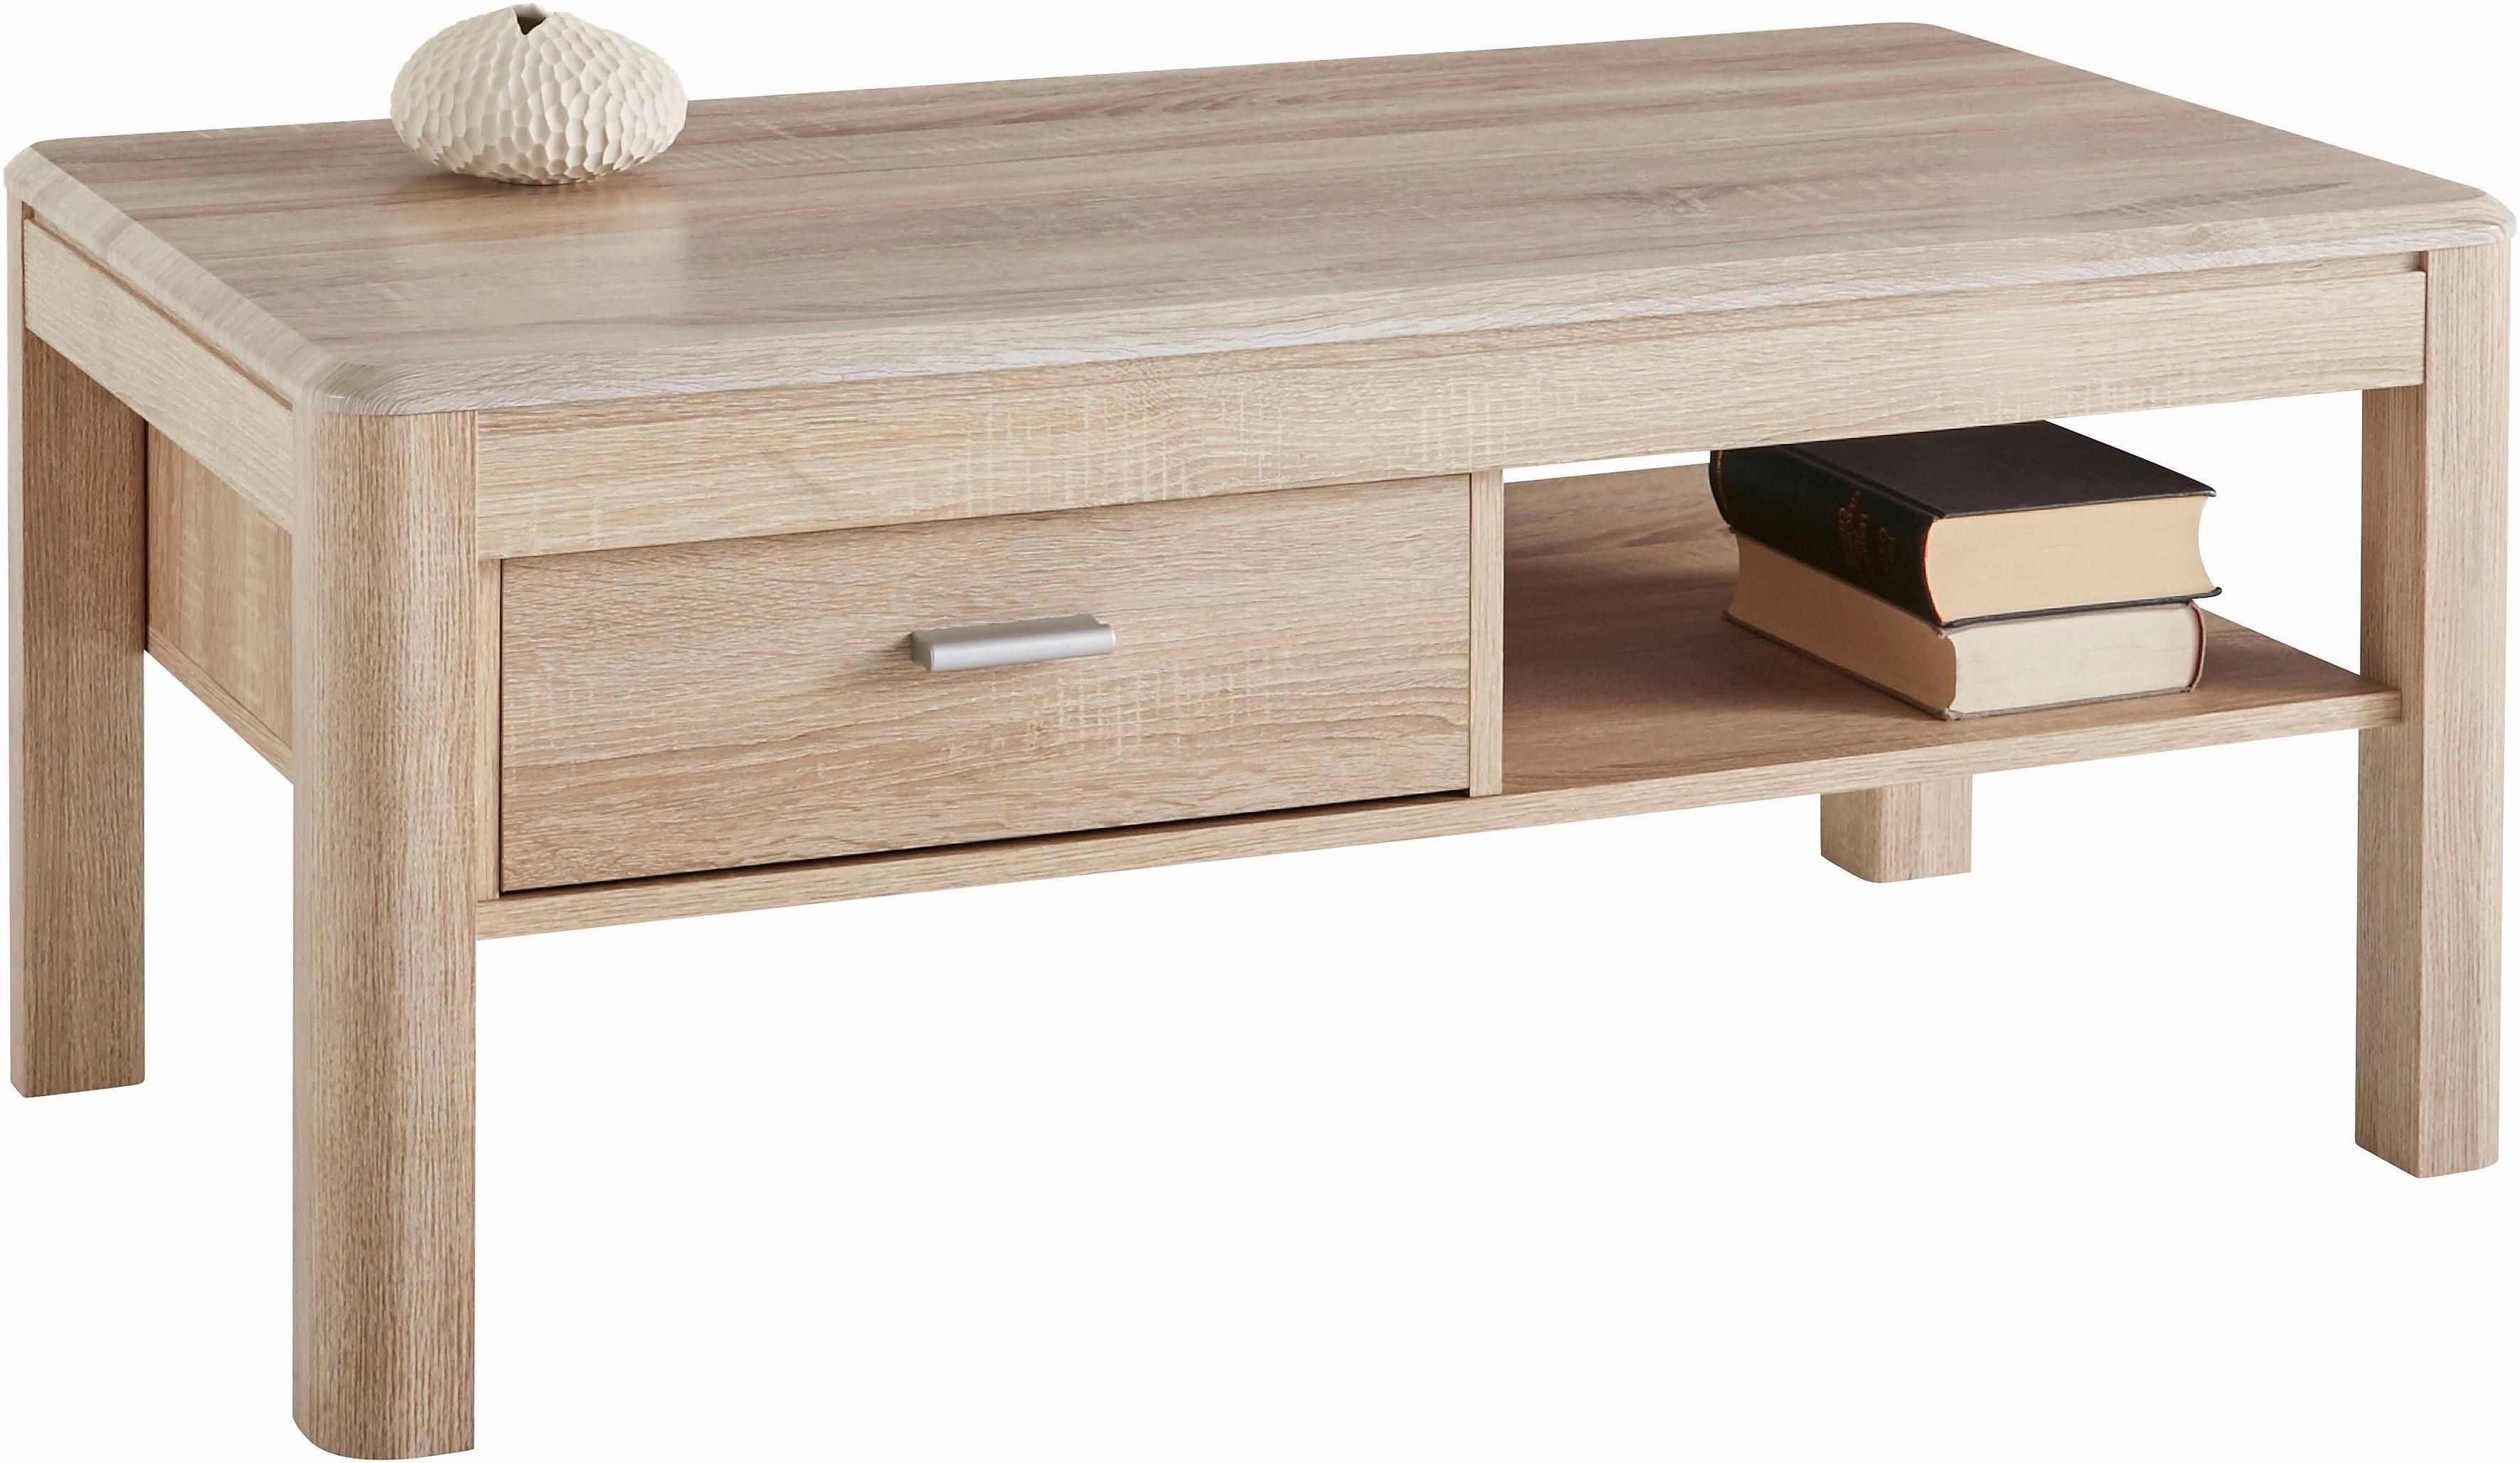 Salontafel met lade en plank in de online winkel otto